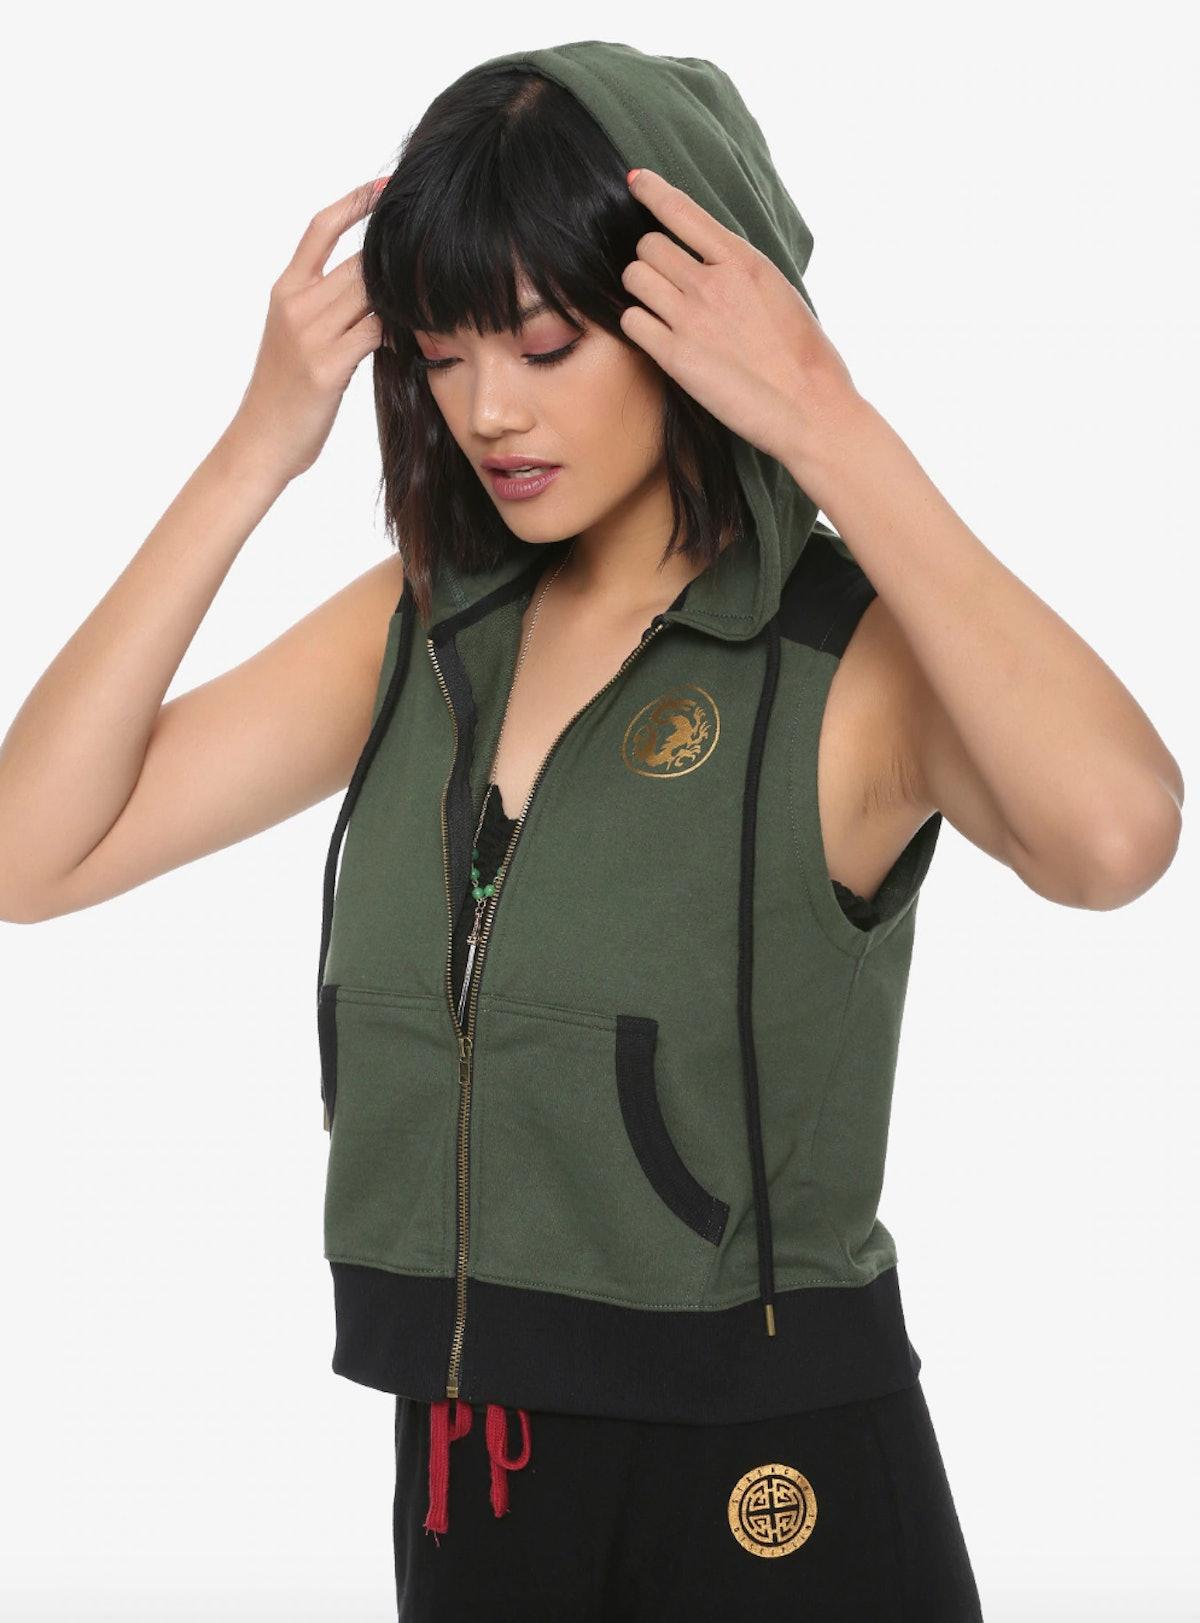 Mulan Green Hoodie Vest